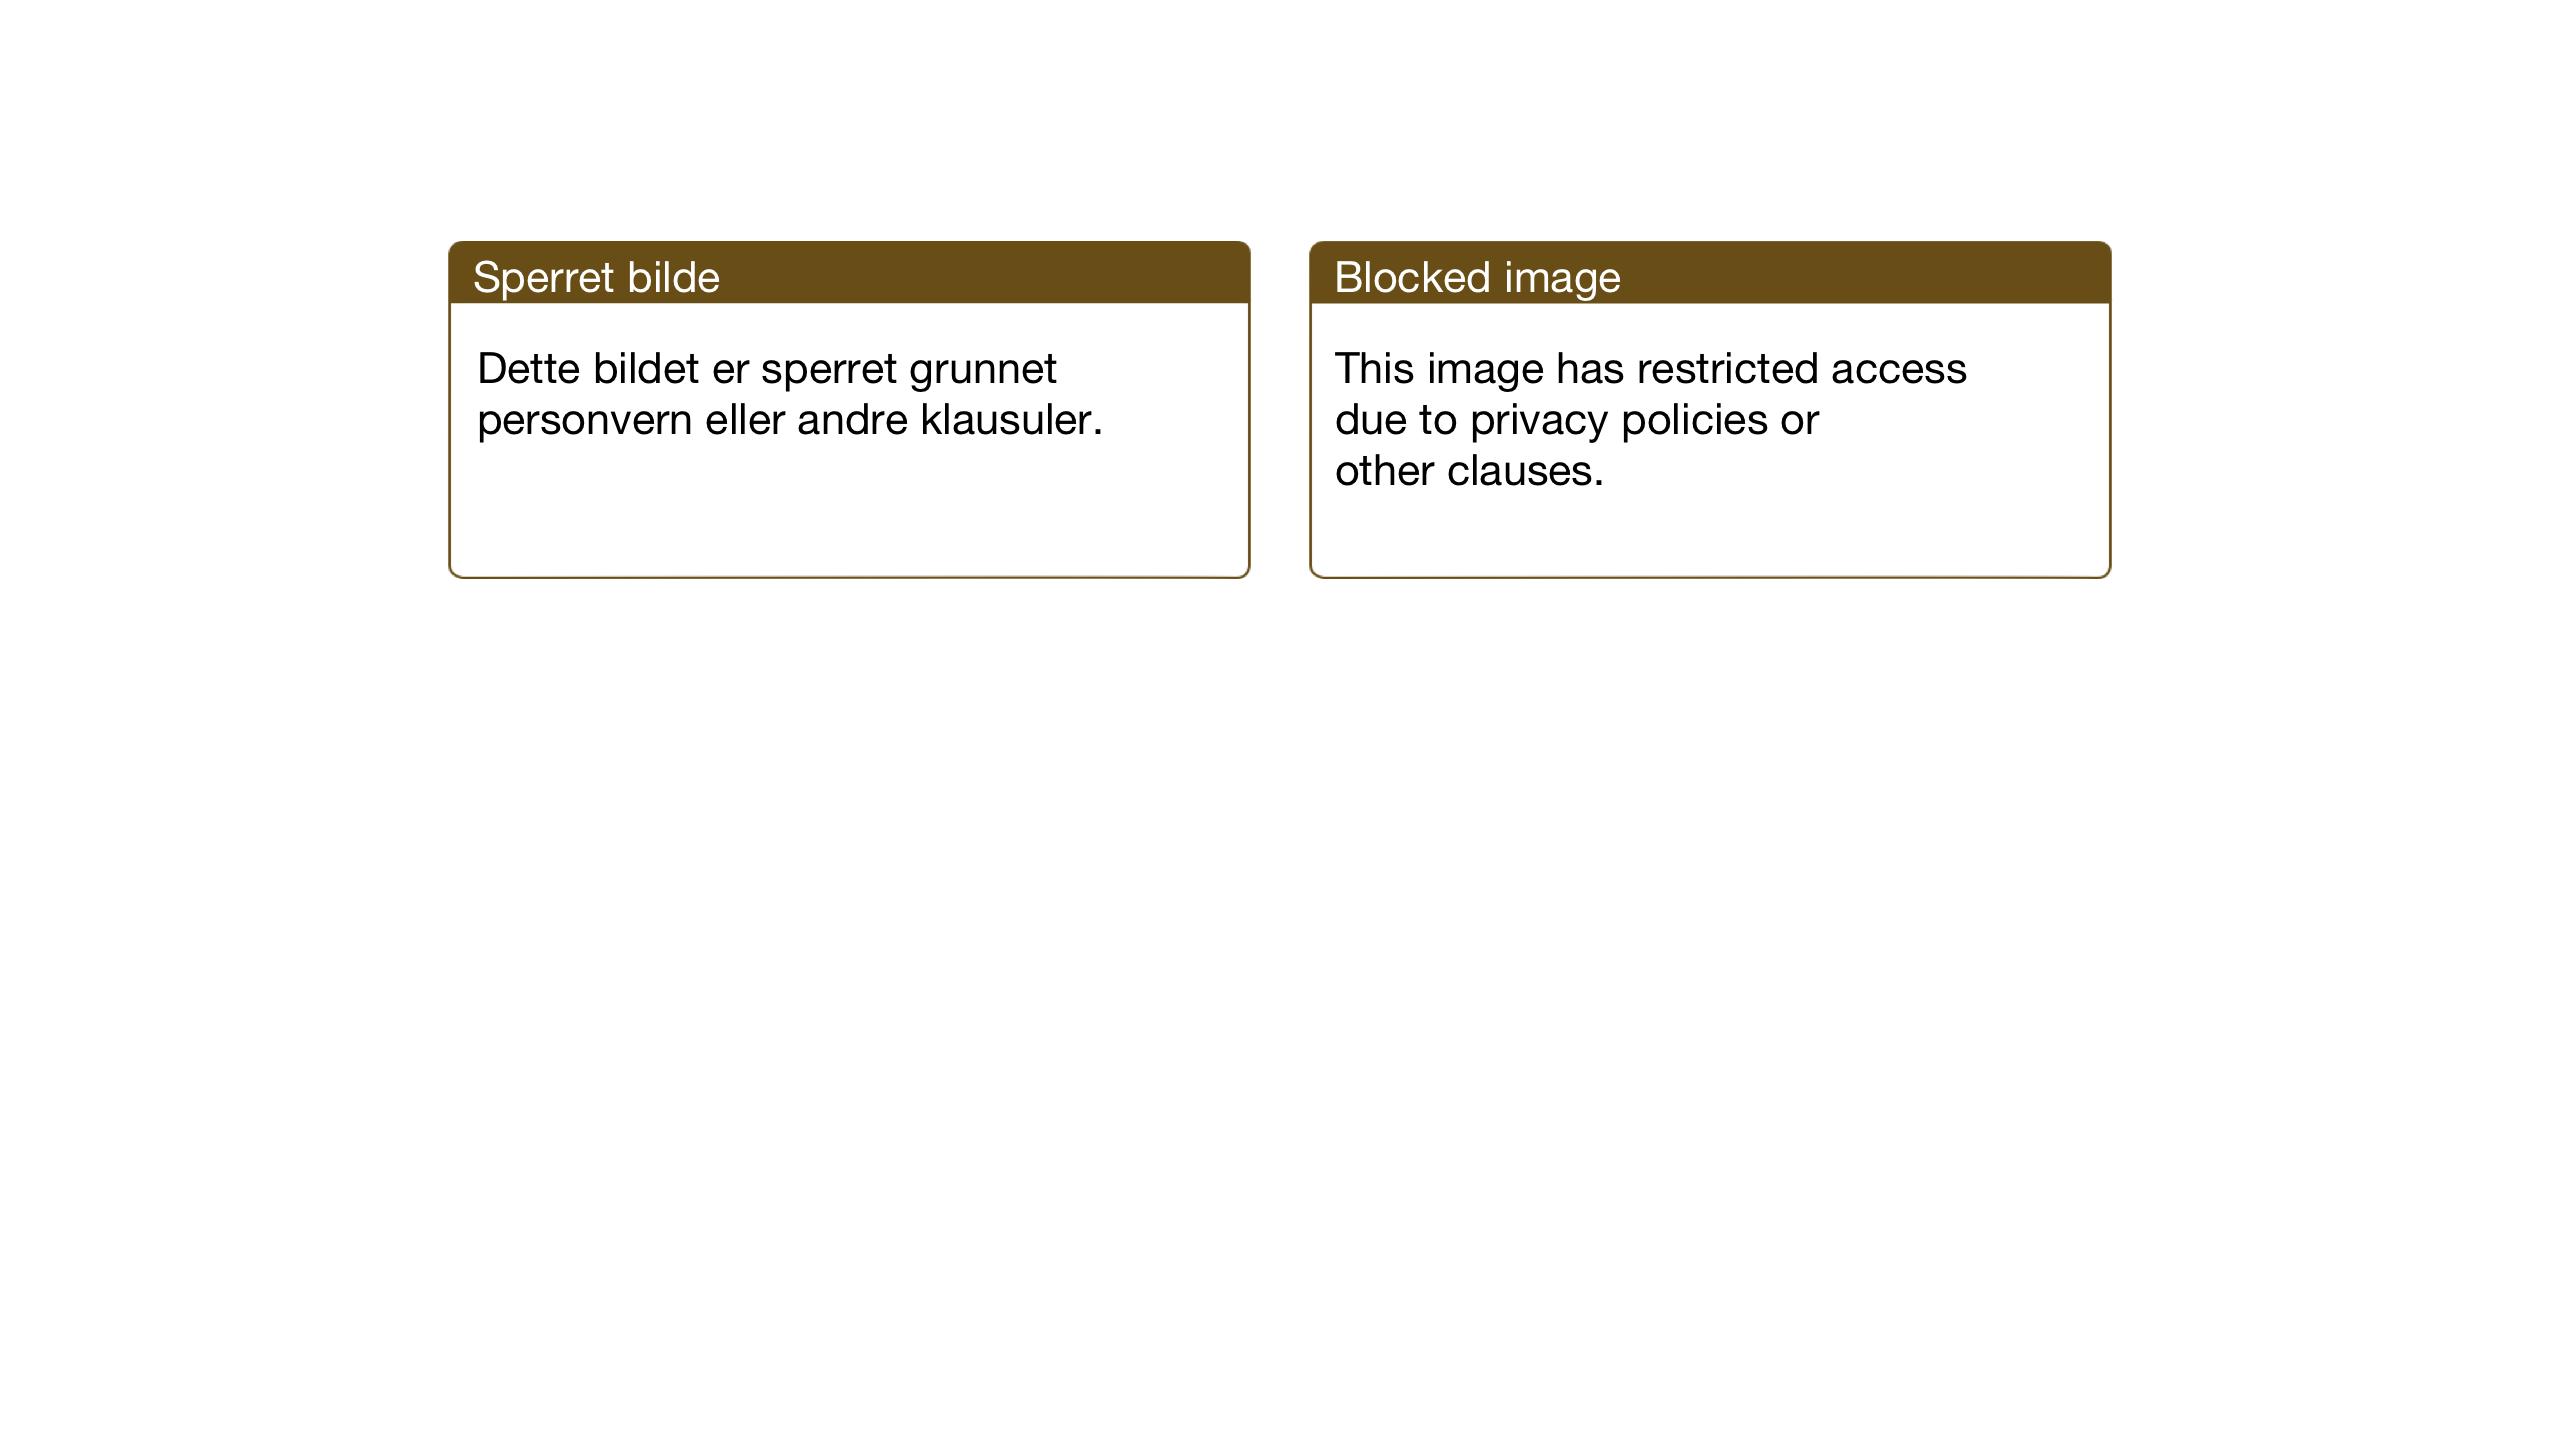 SAT, Ministerialprotokoller, klokkerbøker og fødselsregistre - Sør-Trøndelag, 640/L0590: Klokkerbok nr. 640C07, 1935-1948, s. 30